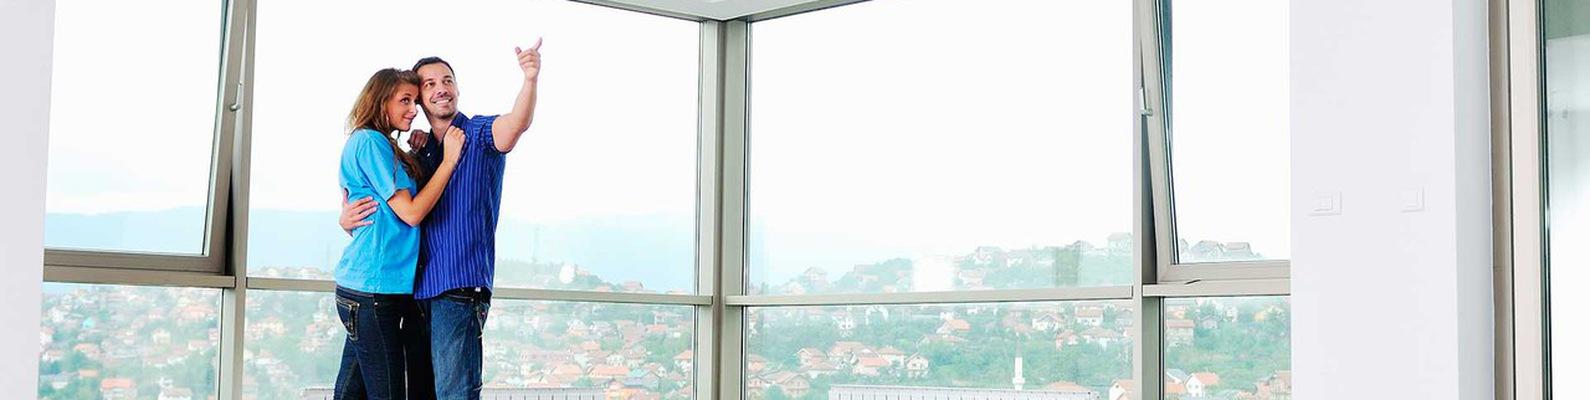 Окна теплый дом отзывы